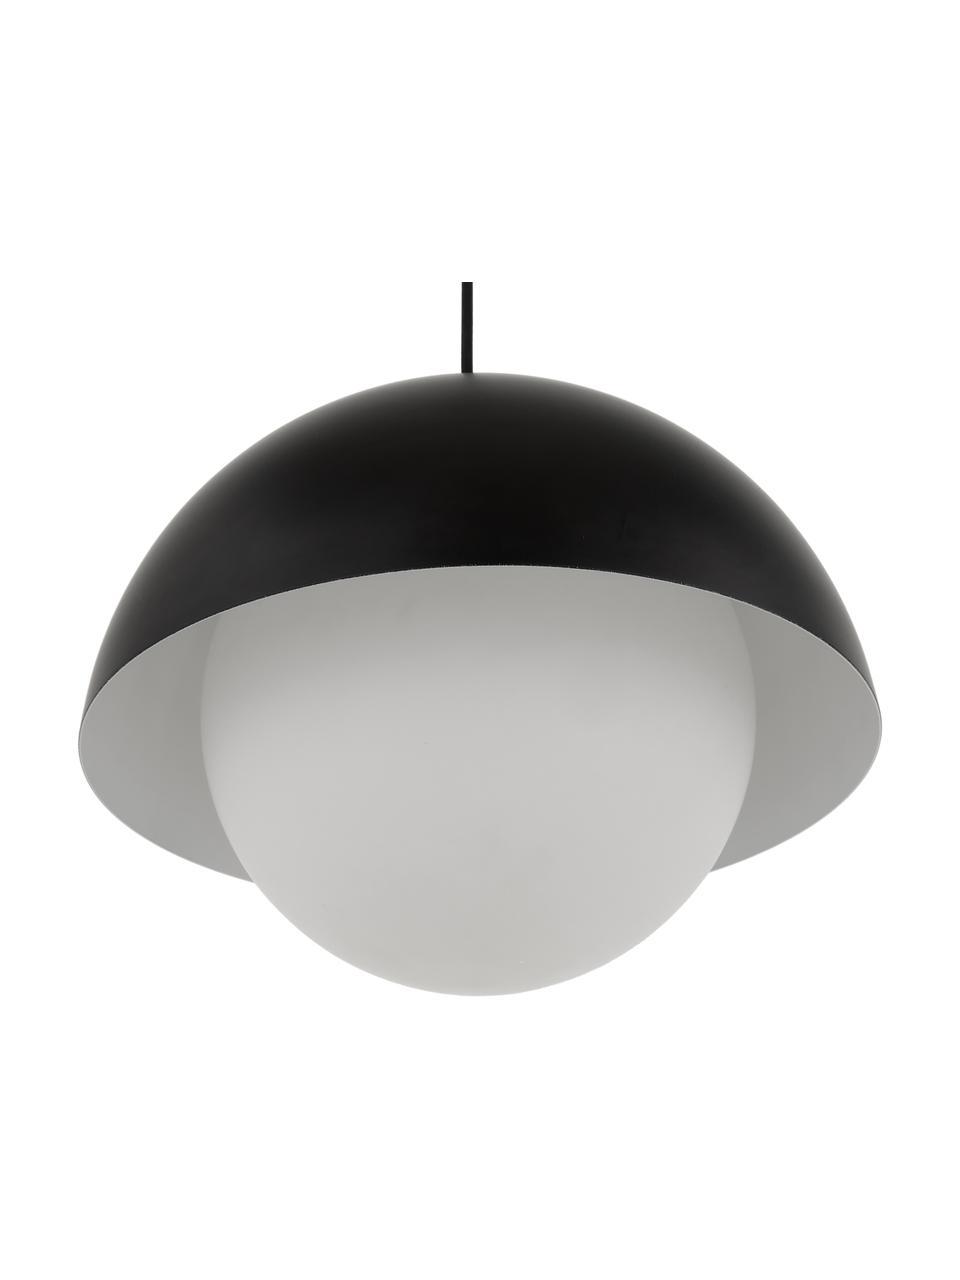 Lampa wisząca Lucille, Czarny, biały, Ø 35 x W 30 cm